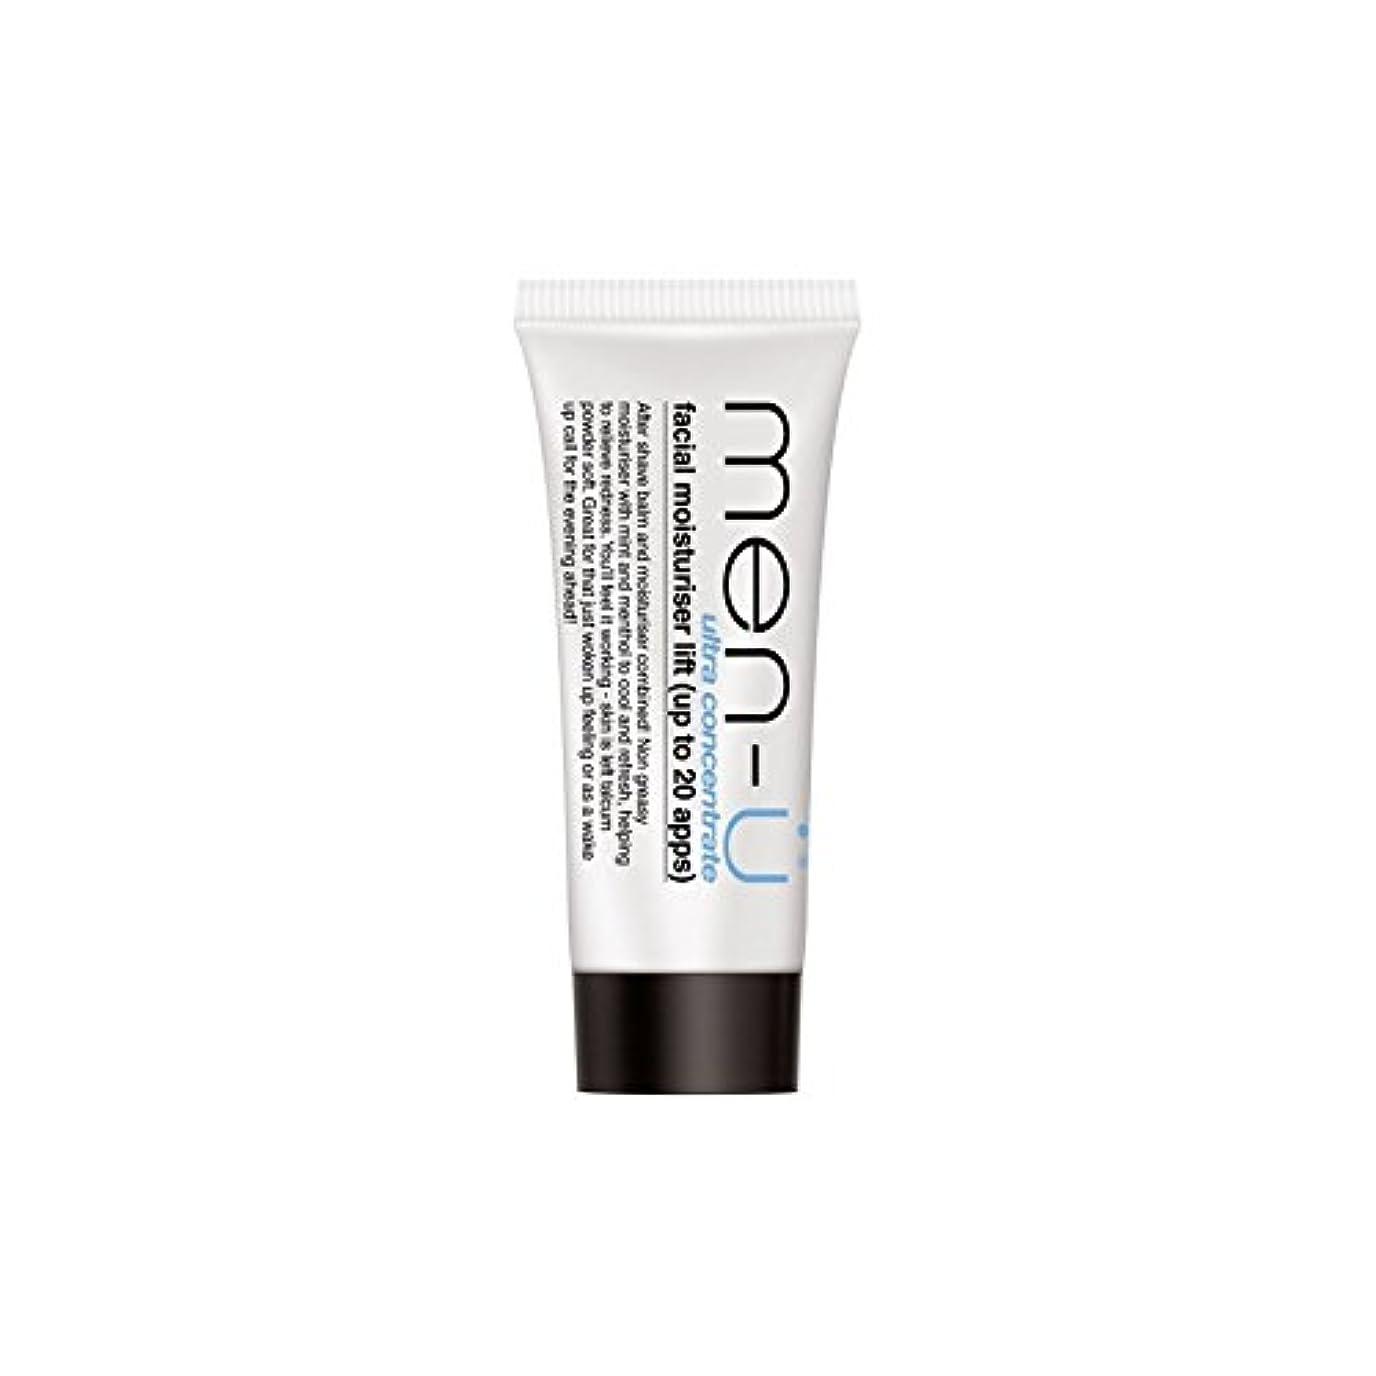 トイレハリウッドジュラシックパーク男性-のバディ顔の保湿剤のリフトチューブ(15ミリリットル) x2 - Men-? Buddy Facial Moisturiser Lift Tube (15ml) (Pack of 2) [並行輸入品]